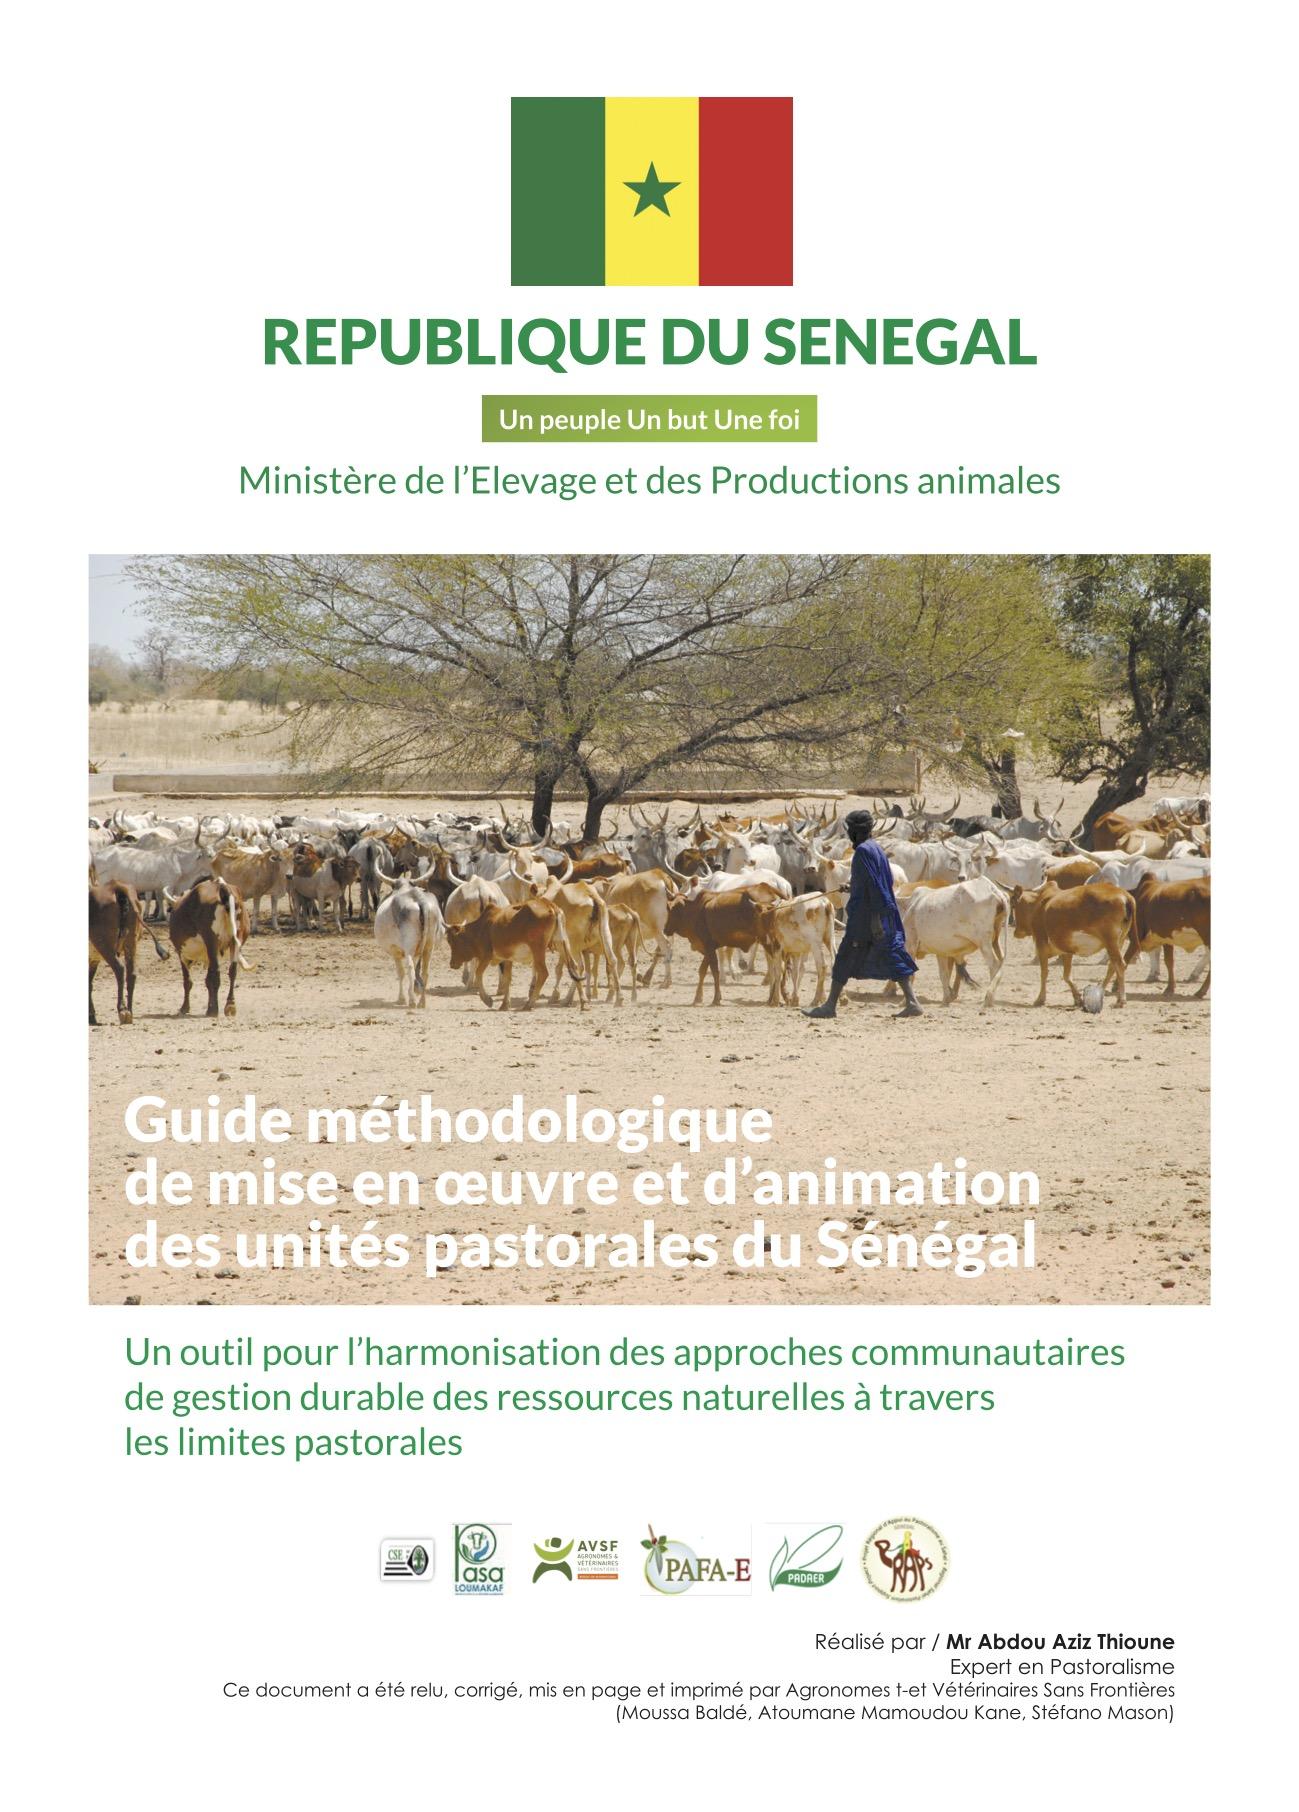 Guide méthodologique de mise en oeuvre et d'animation des unités pastorales au Sénégal  Image principale